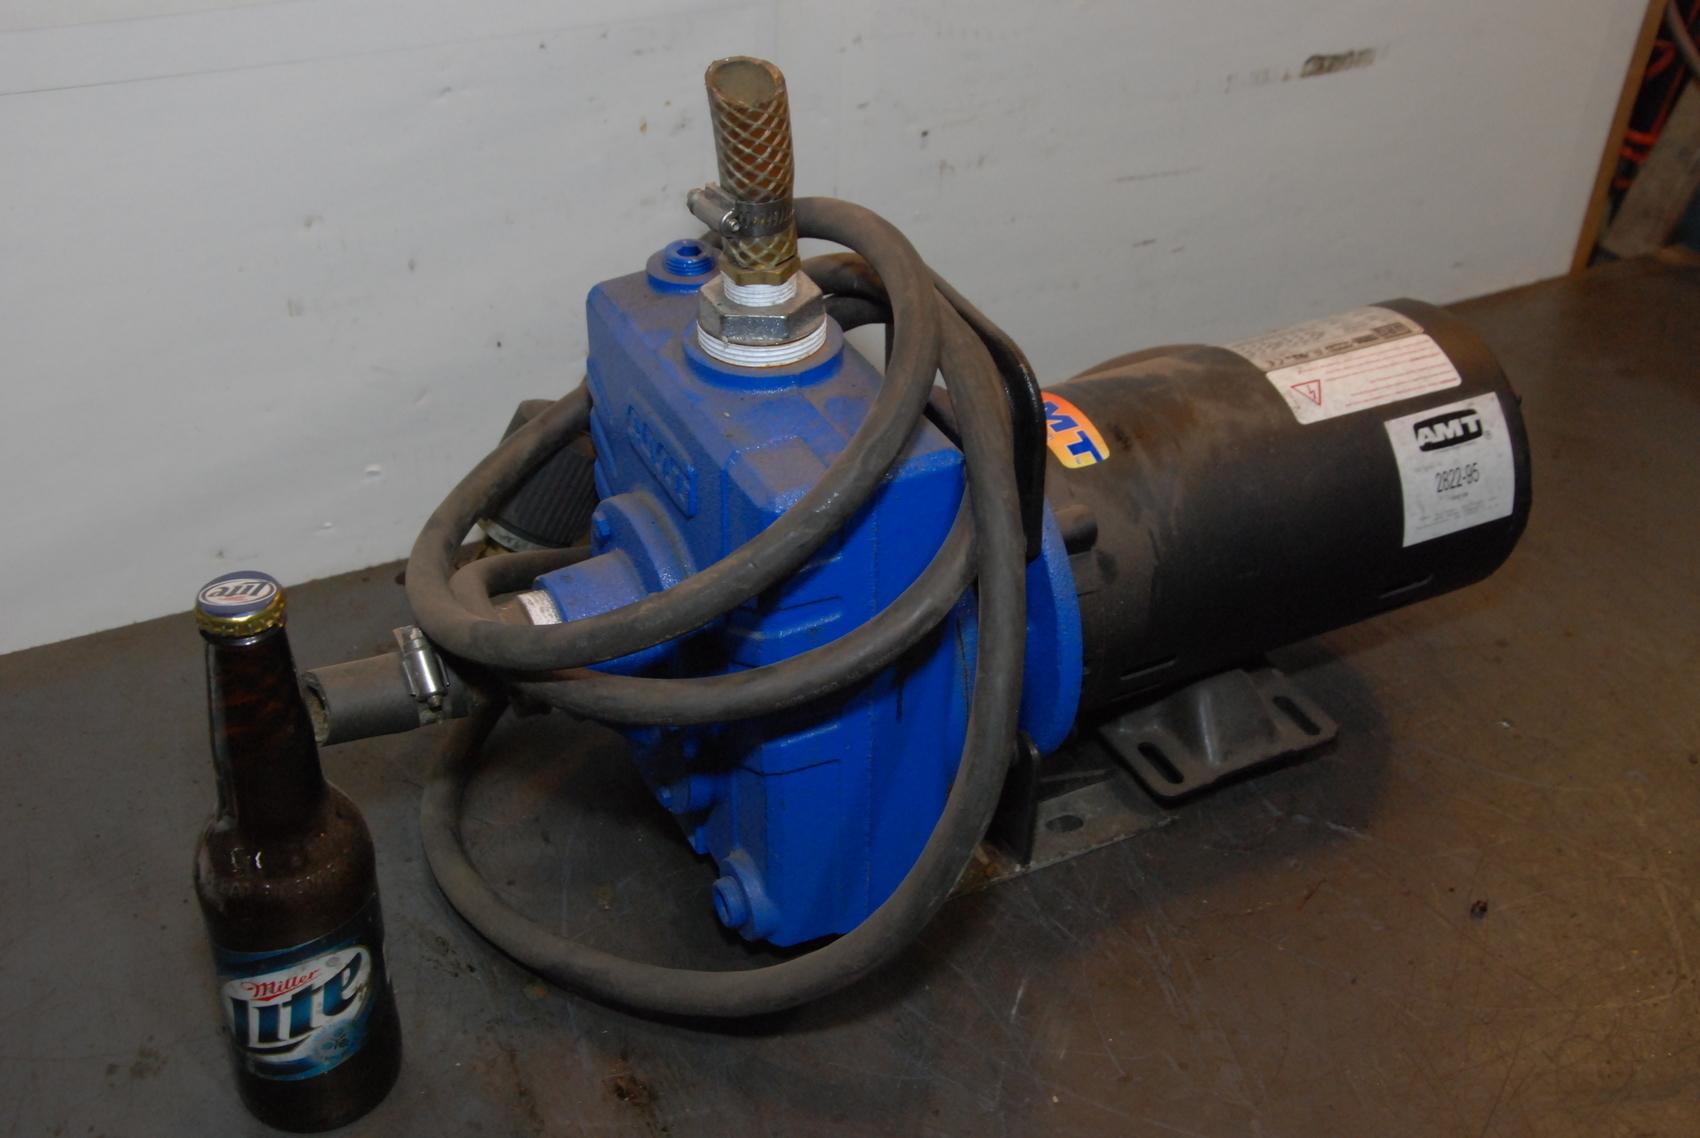 AMT Water Pump,Model AMT-1627-016,1.5 hp 3 PH,208-230/460V